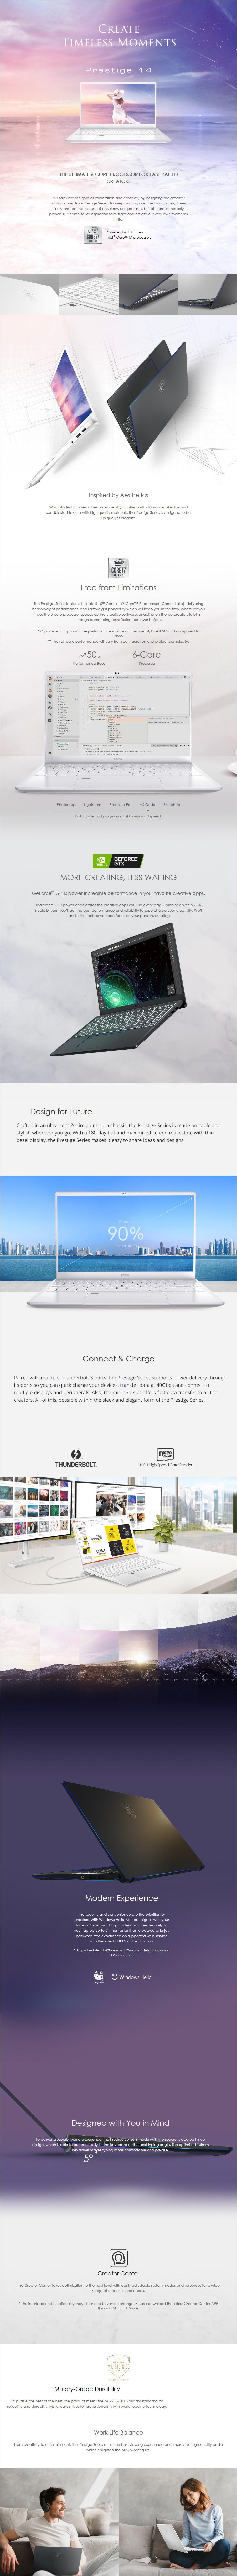 """MSI Prestige 14 A10SC 14"""" Laptop i7-10710U 16GB 1TB GTX1650 W10P - Grey - Overview 1"""